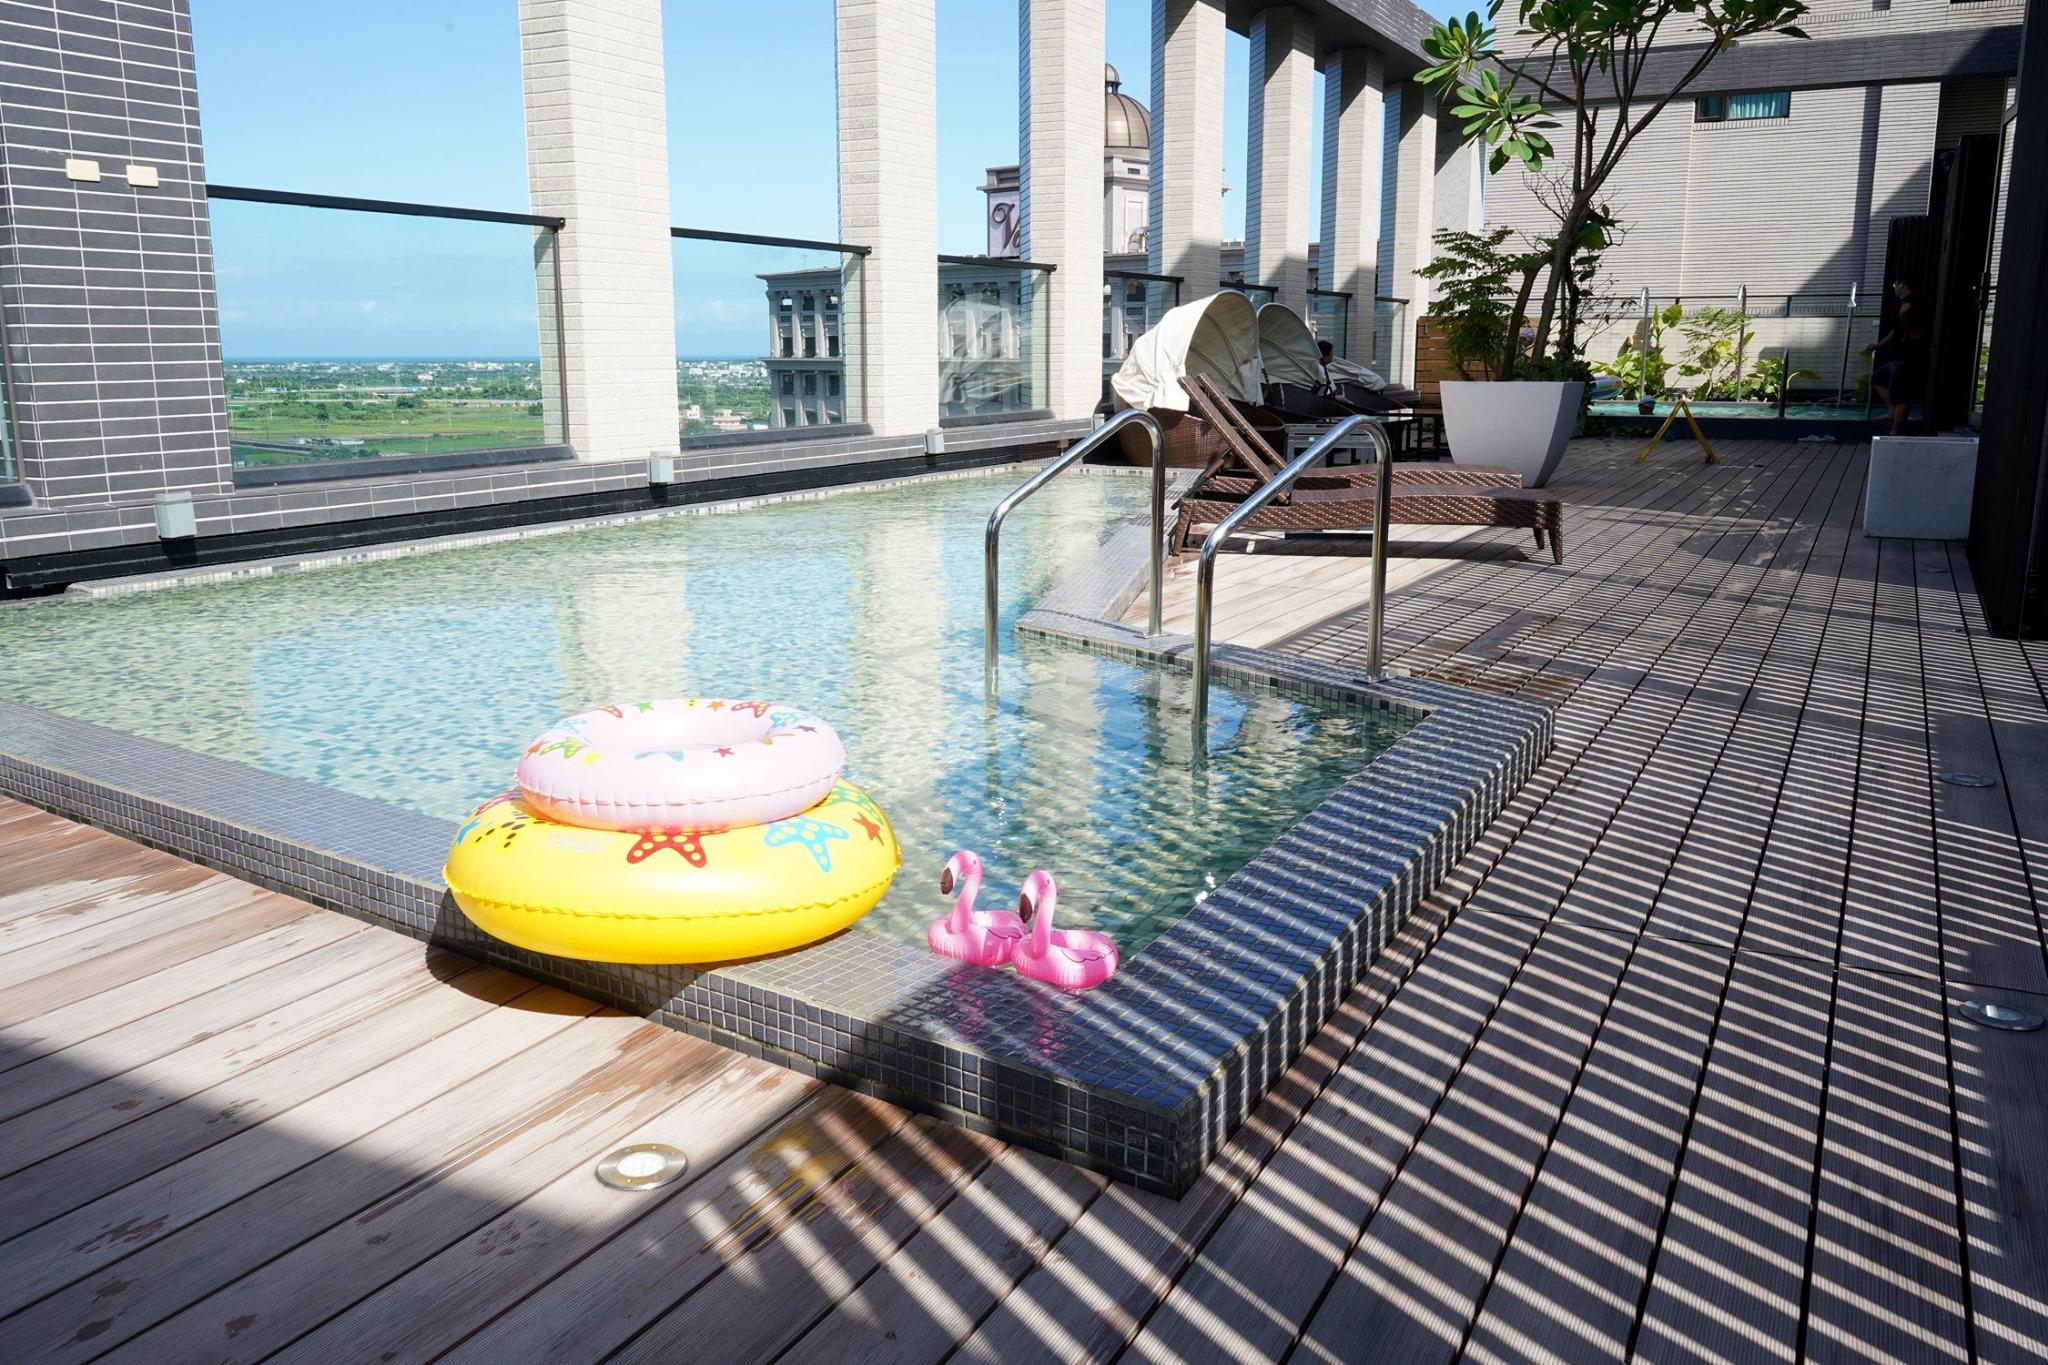 築闊礁溪渡假飯店